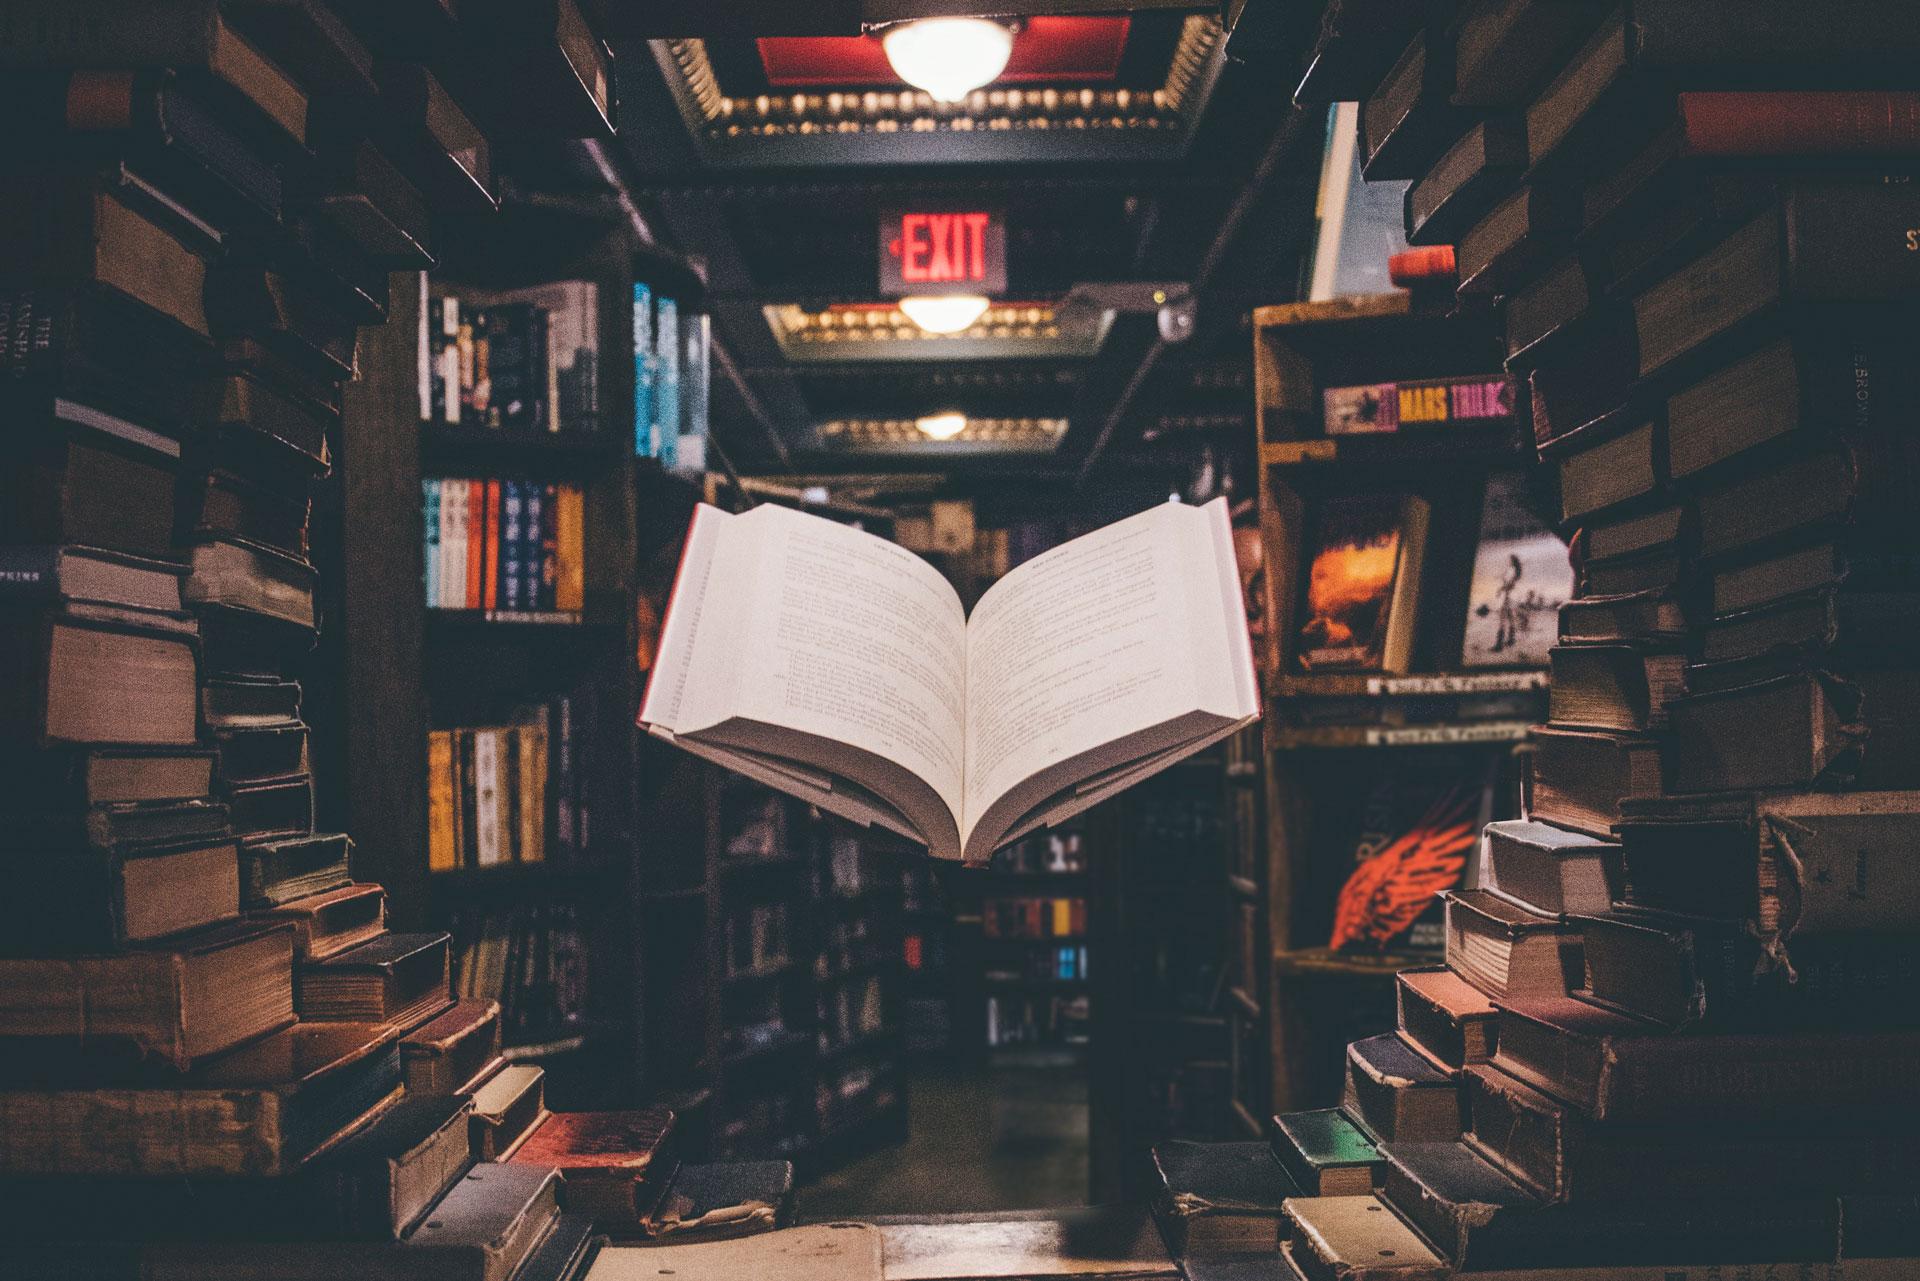 Agenzia letteraria maestri e margherite libri che fanno volare la fantasia